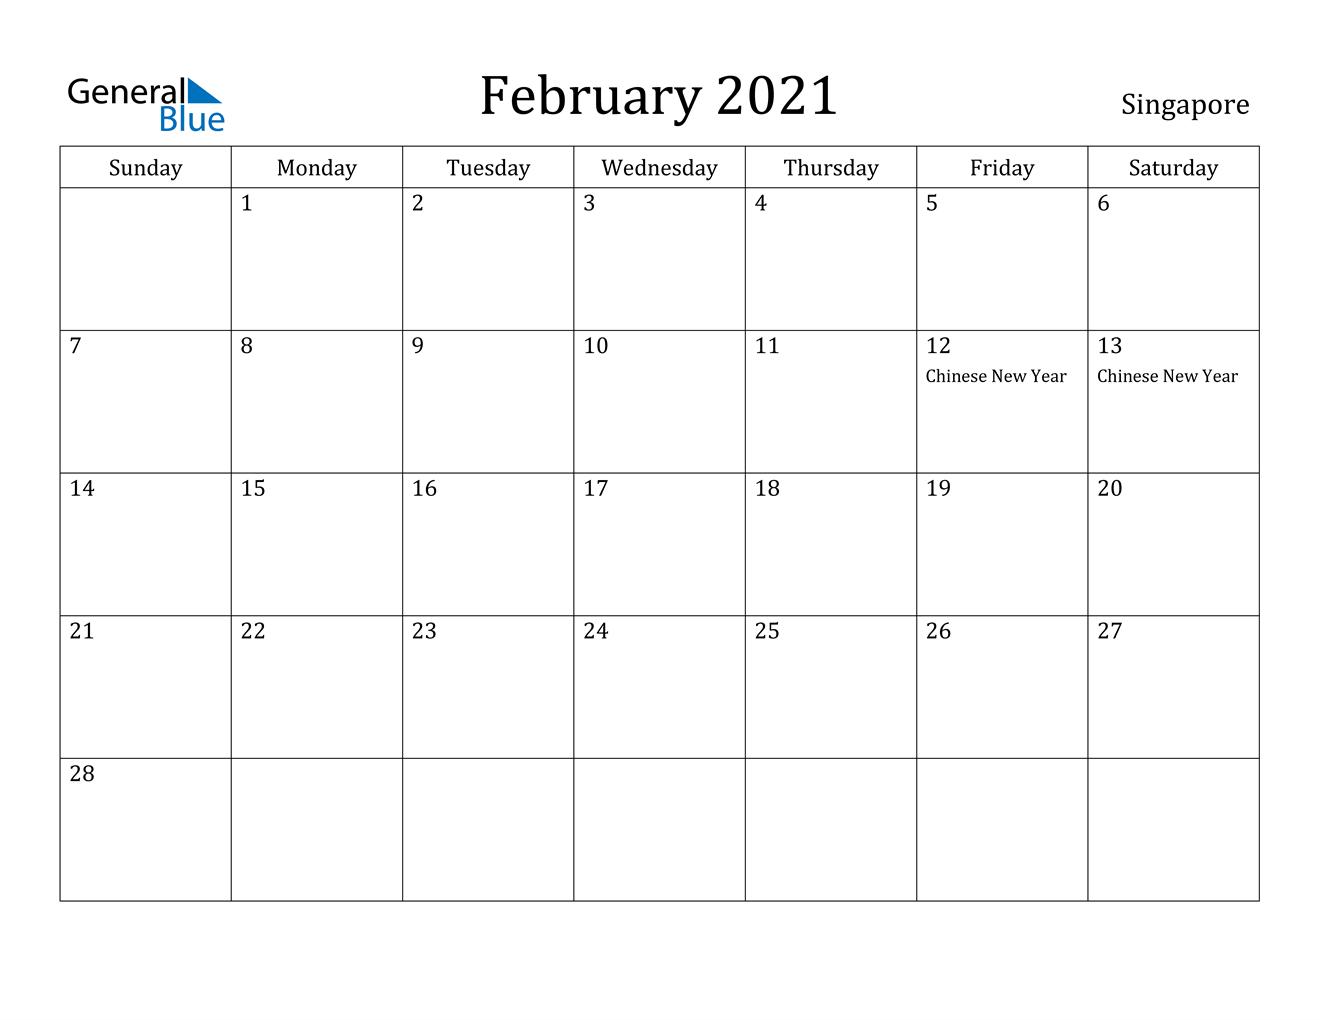 February 2021 Calendar Singapore